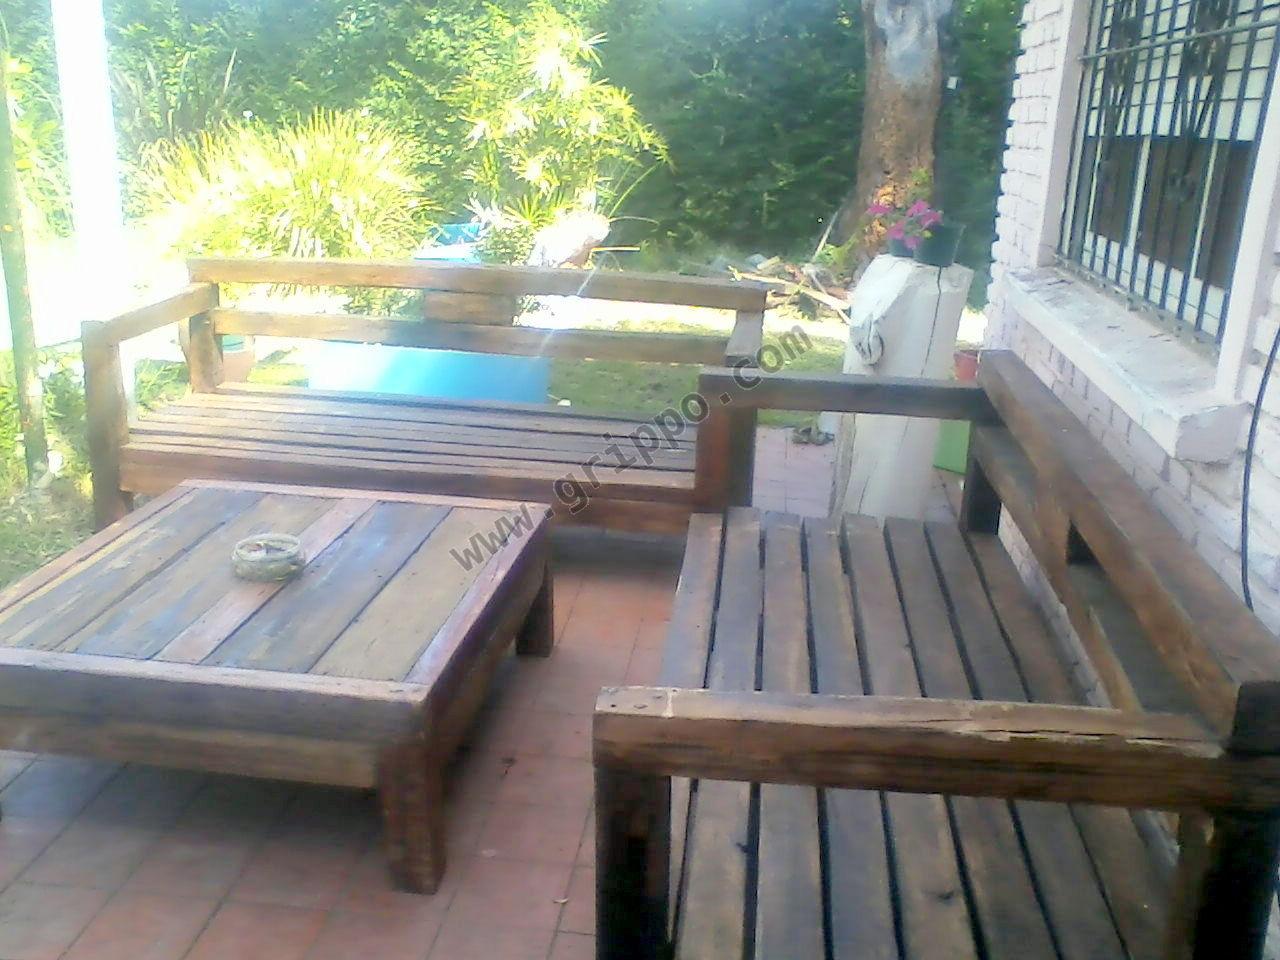 Muebles rusticos en madera dura para exterior e interior - Muebles exterior madera ...